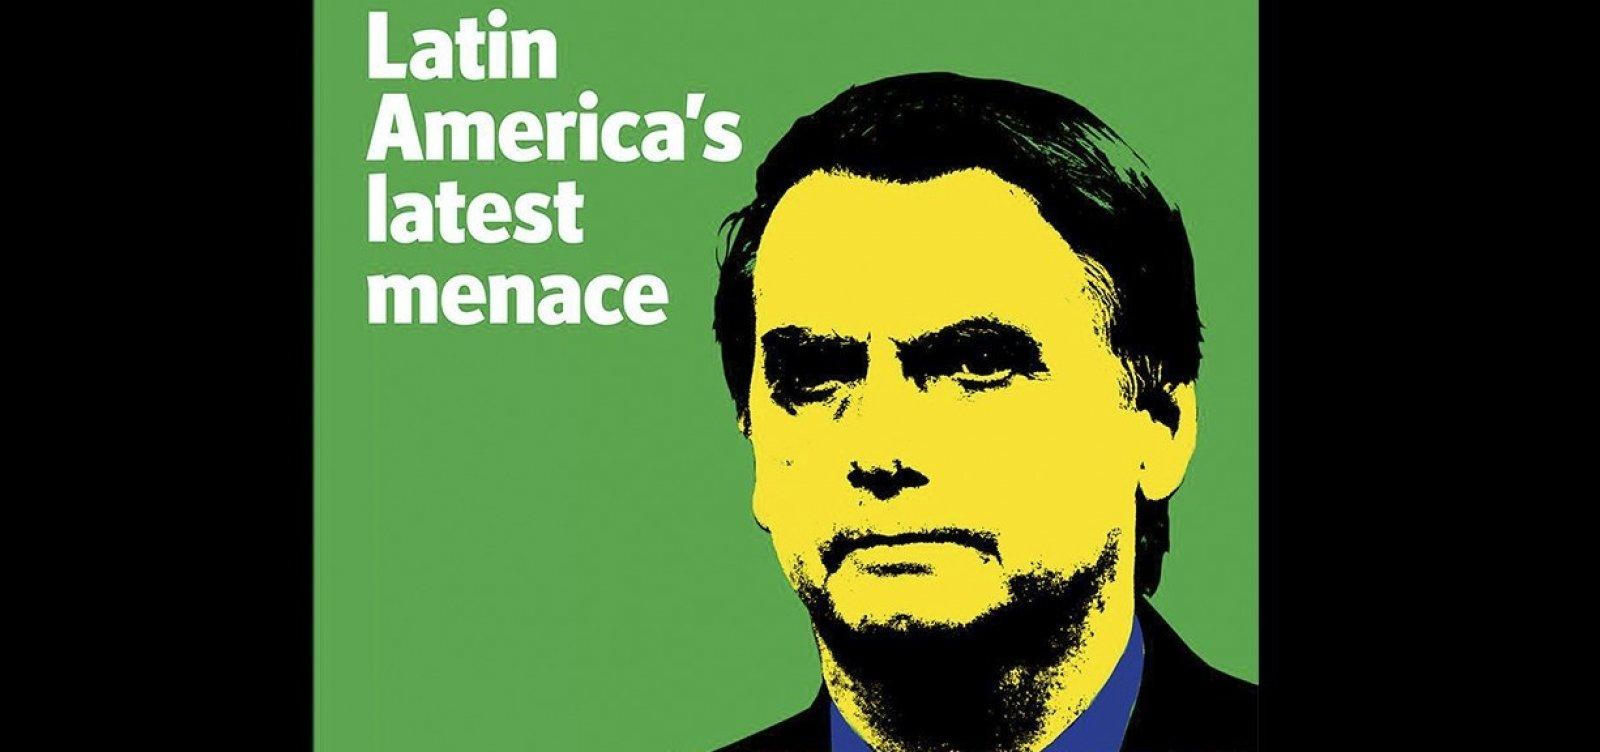 [Bolsonaro é a 'mais recente ameaça na América Latina', diz The Economist]